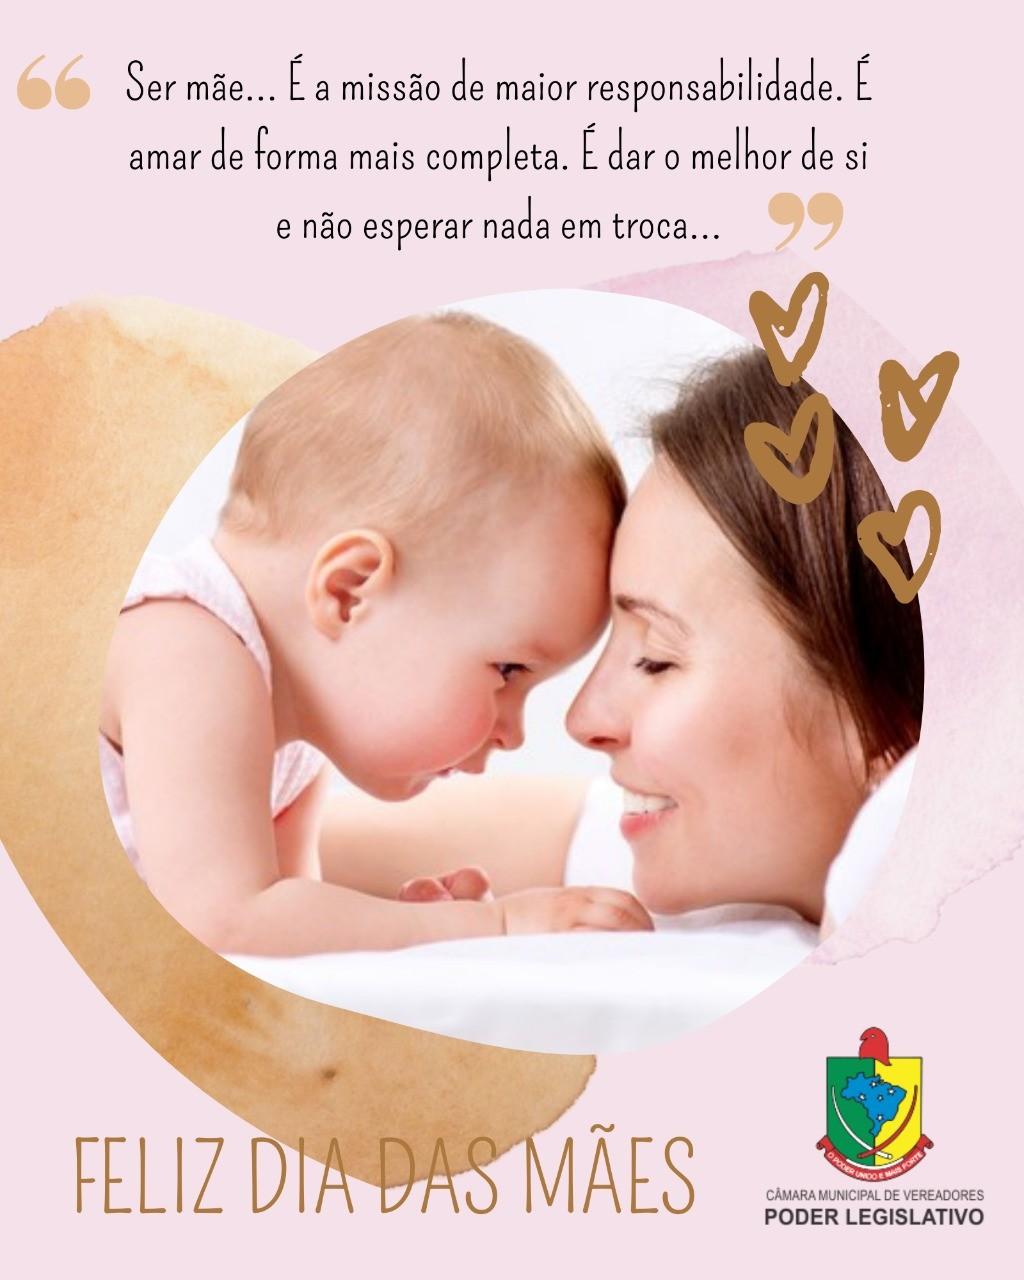 Mensagem da Câmara Municipal de Vereadores de Taquaruçu do Sul ao Dia das Mães!